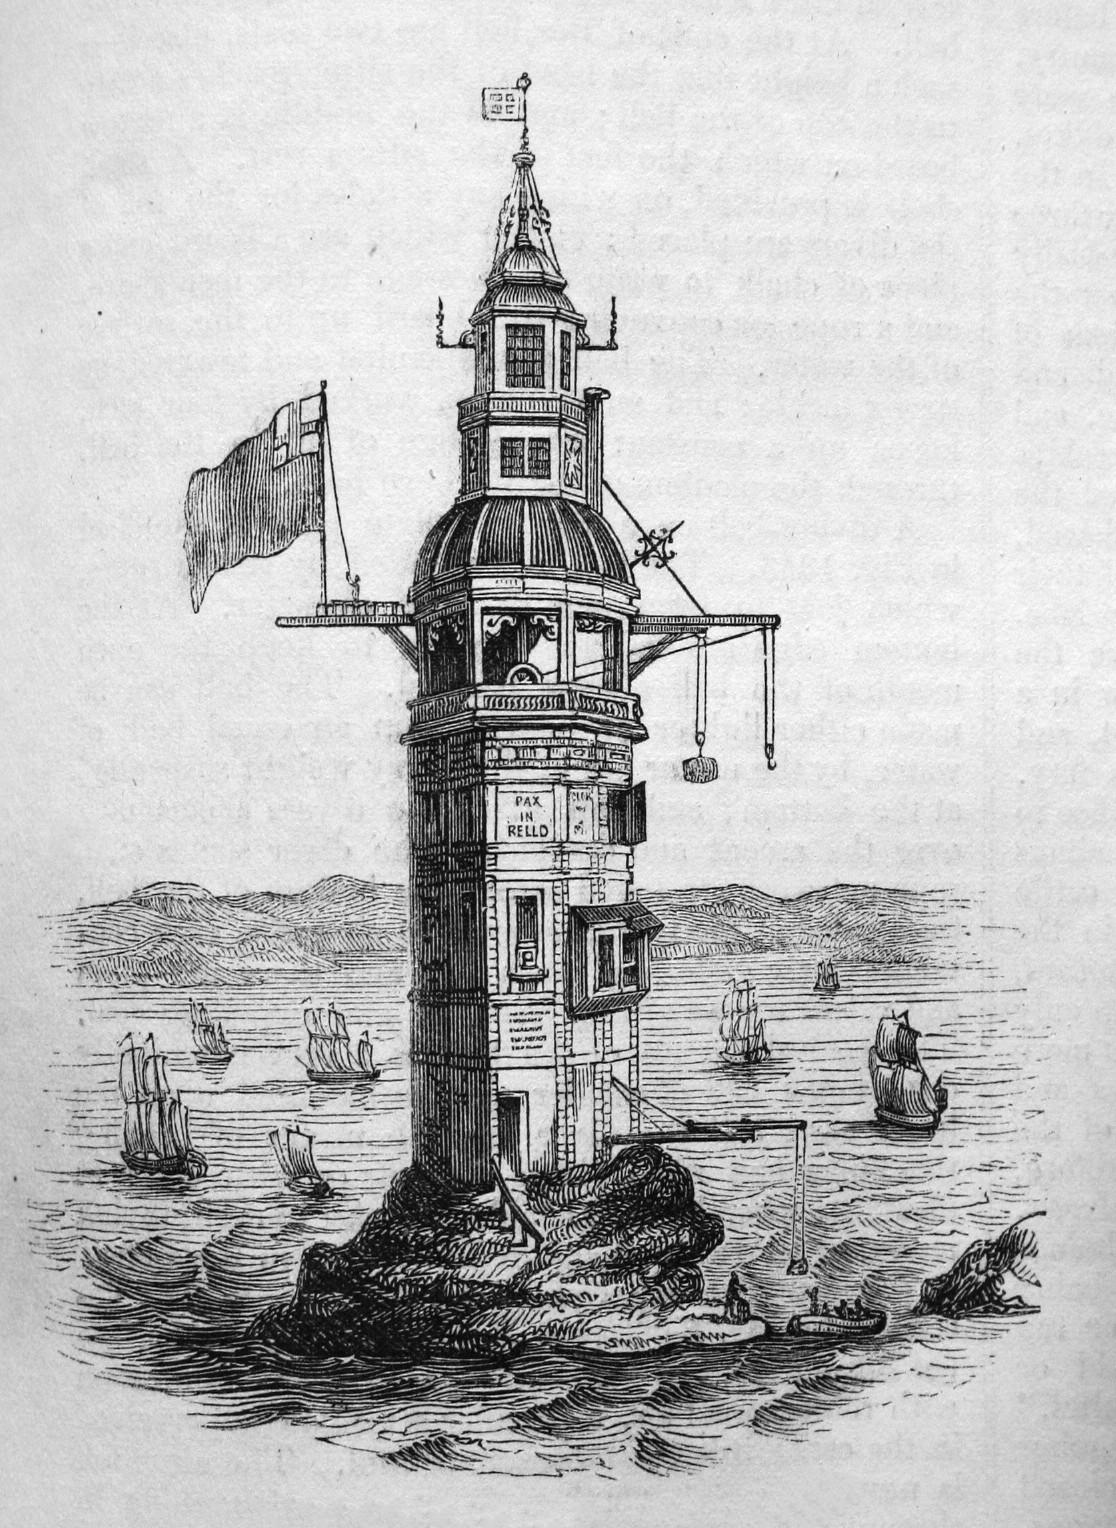 Farol de Winstanley, que foi levado juntamente com seu criador por um furacão.